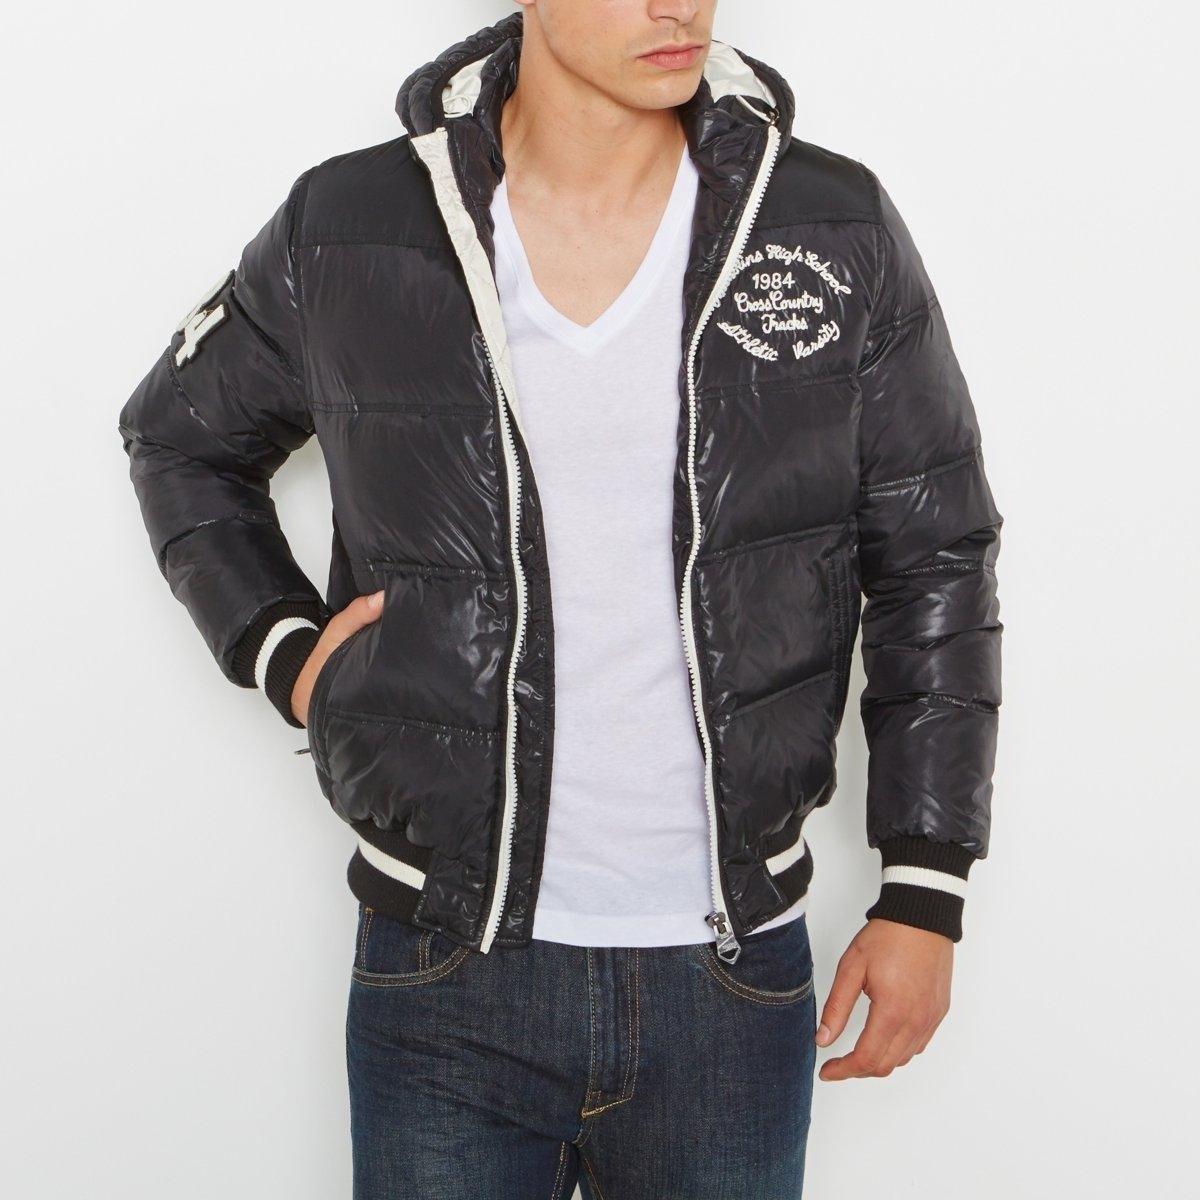 Куртка стеганаяСтеганая куртка Sphinx от REDSKINS. 100% полиамида (эффект двух материалов на плечах, рукавах и краях карманов). Теплая подкладка из 50% пера и 50% пуха. Съемный капюшон, планка-велкро спереди. Застежка на молнию спереди. 2 кармана на молнии, на подкладке из флиса. 1 нагрудный карман на молнии. Логотип на рукаве. Логотип в тон сзади. Внутренние манжеты + низ связаны в рубчик. 2 внутренних кармана. Длина 70 см.<br><br>Цвет: черный<br>Размер: L.M